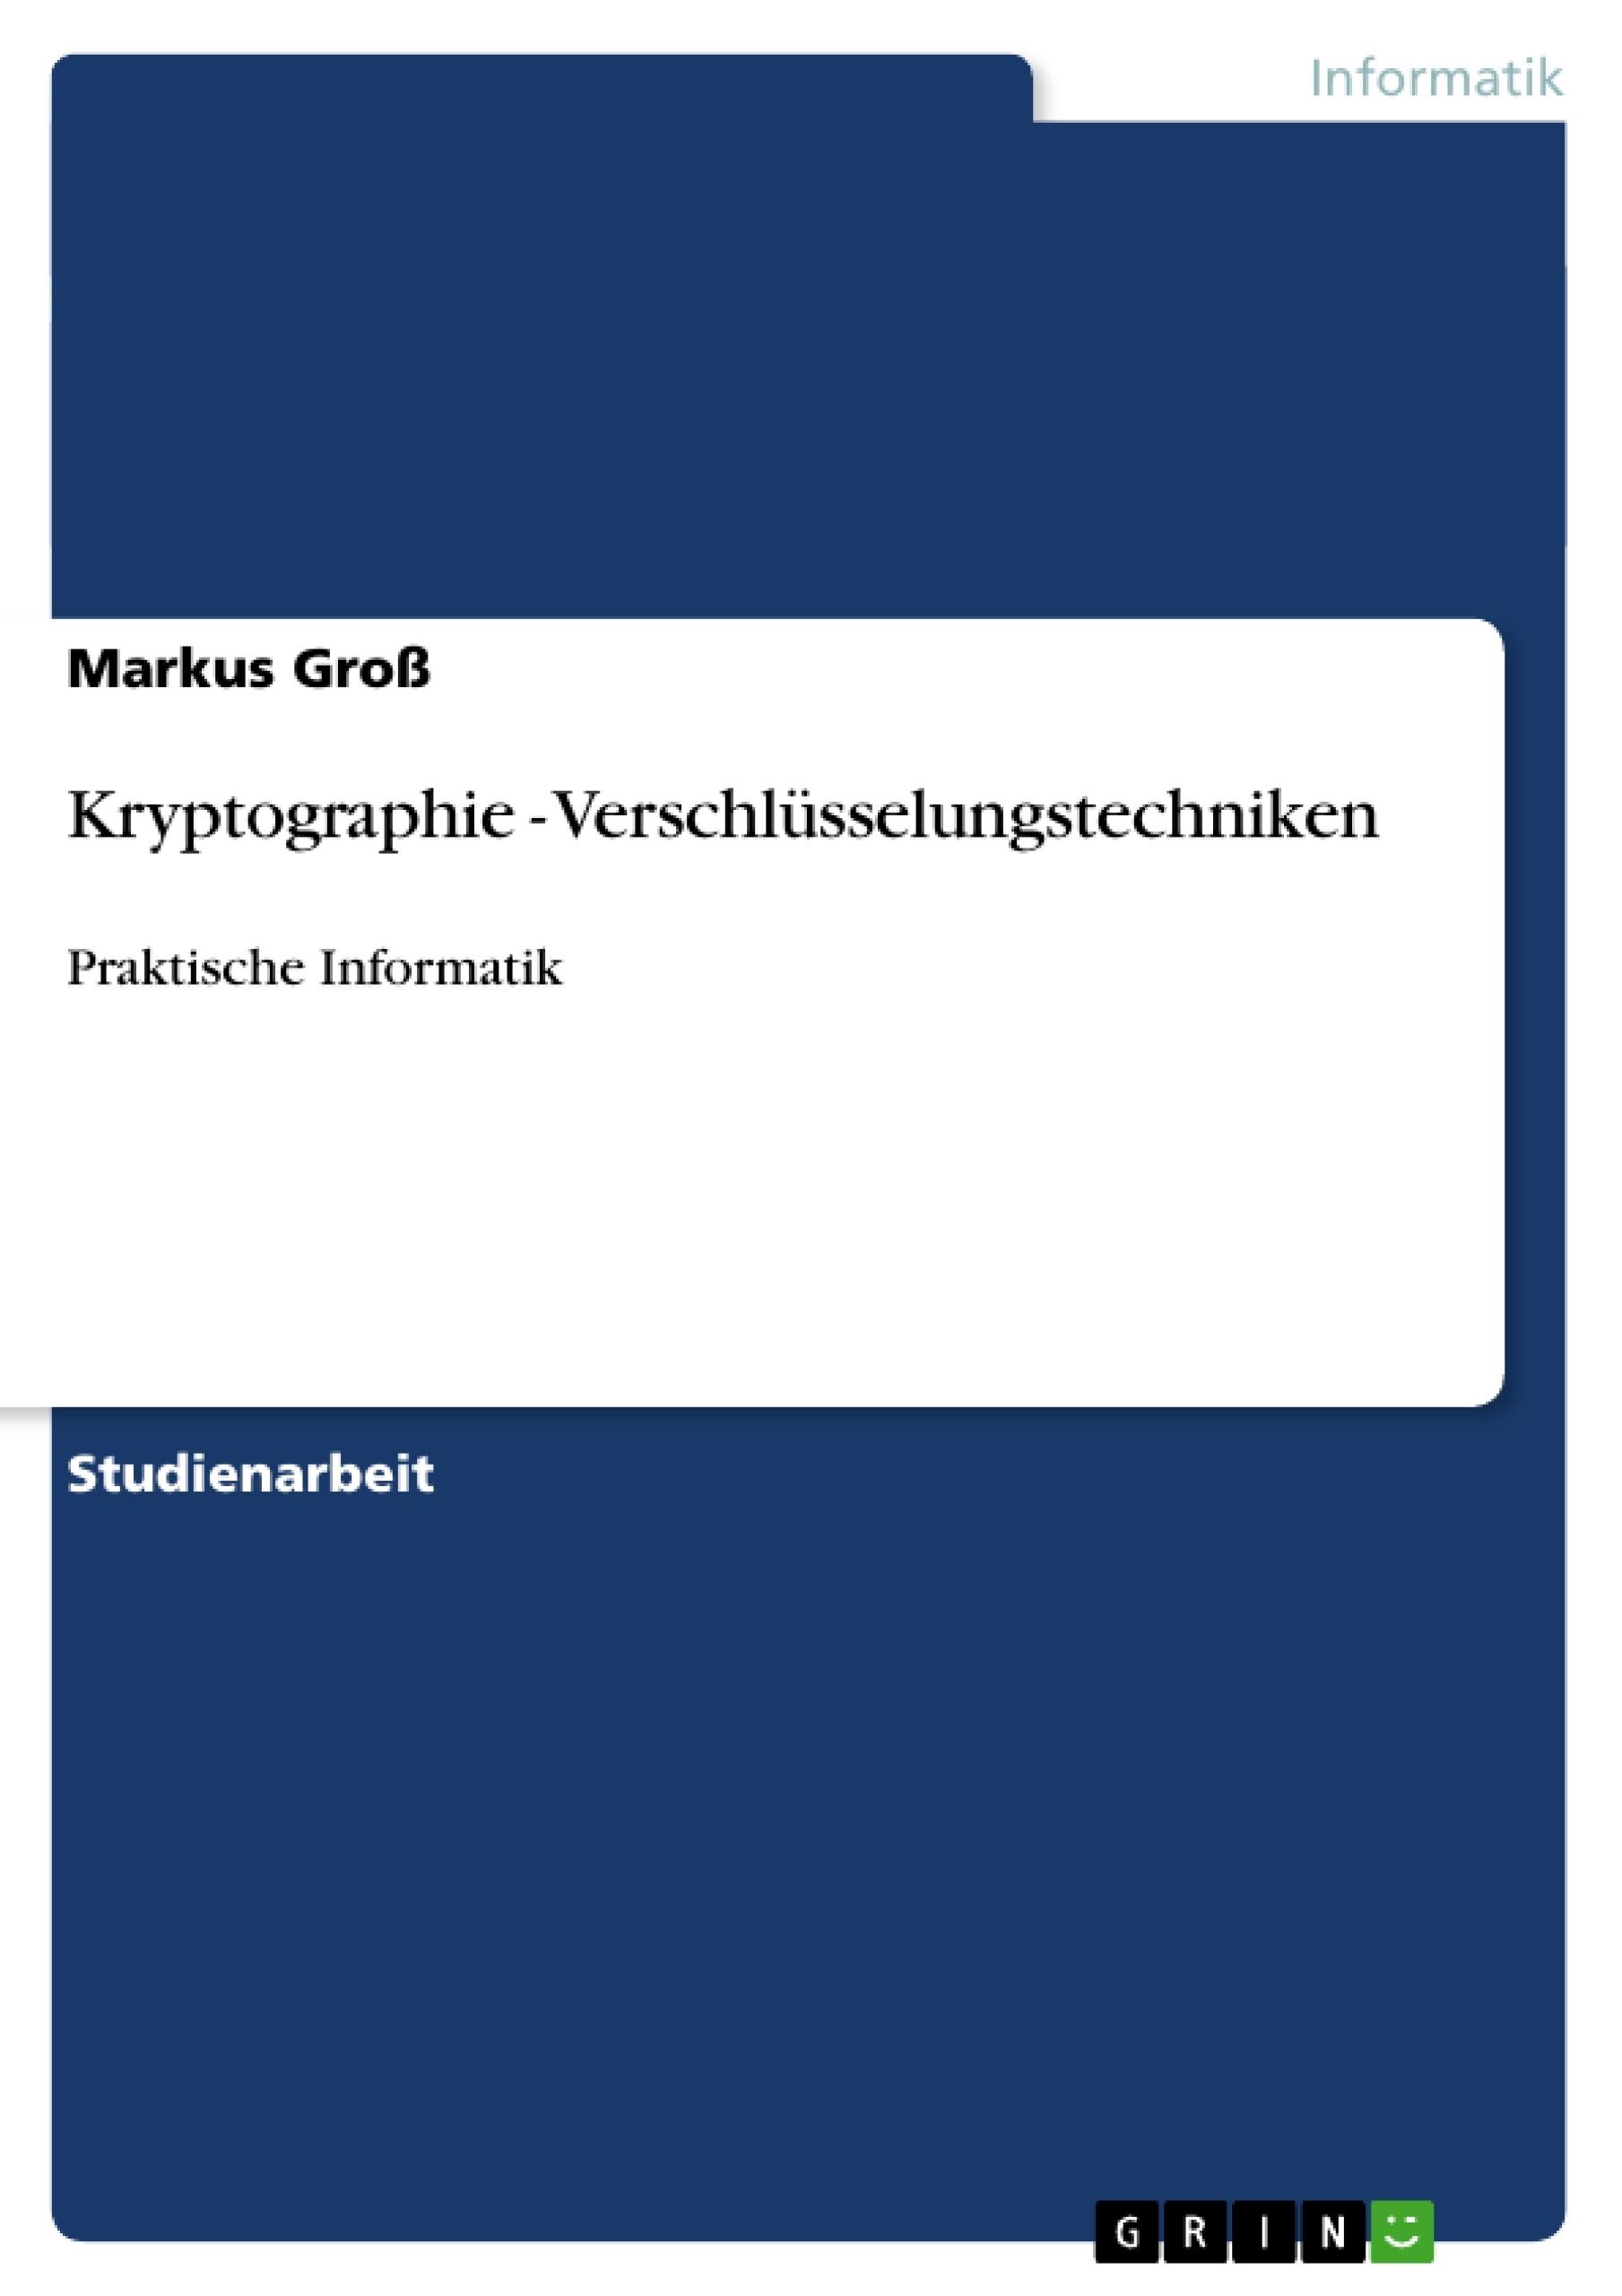 Titel: Kryptographie - Verschlüsselungstechniken